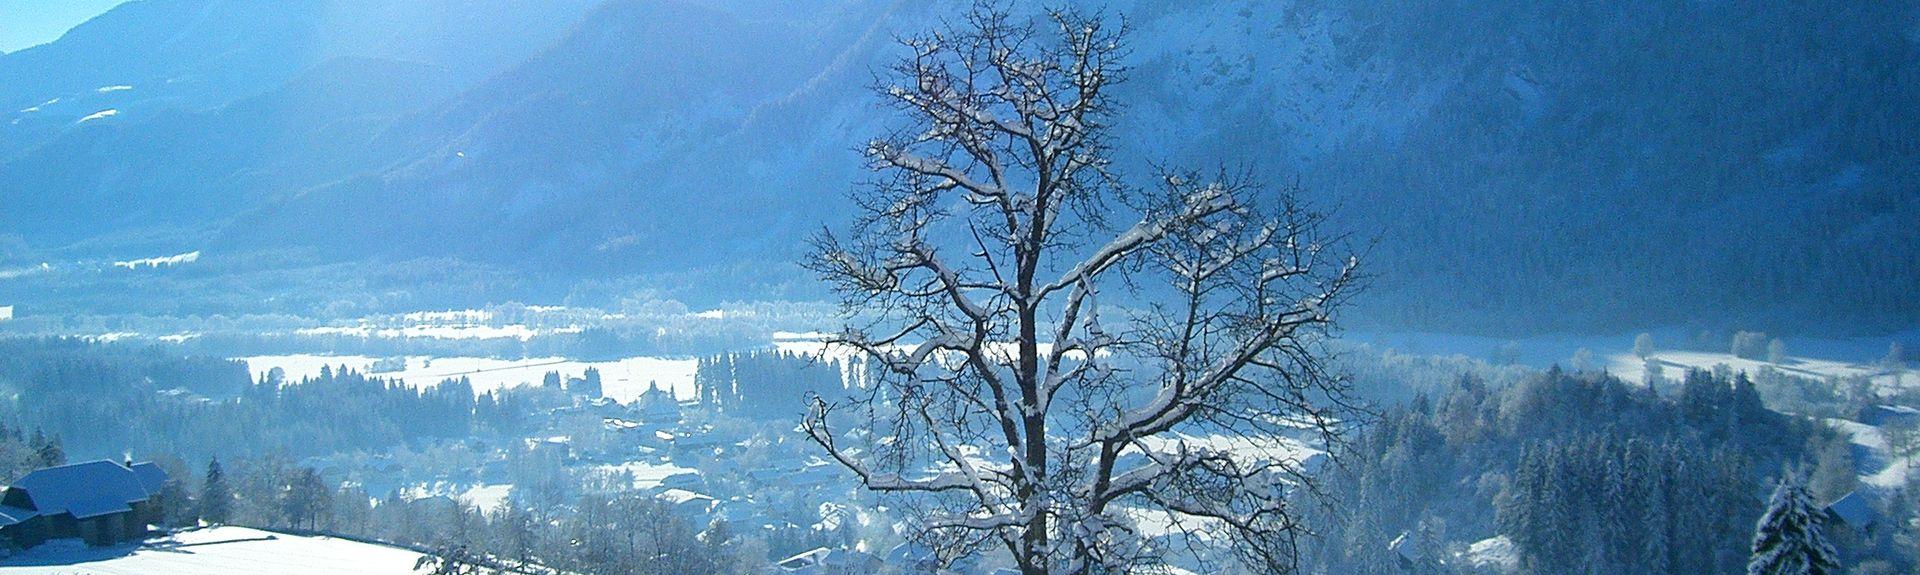 Dellach im Drautal, Carinthia, Austria